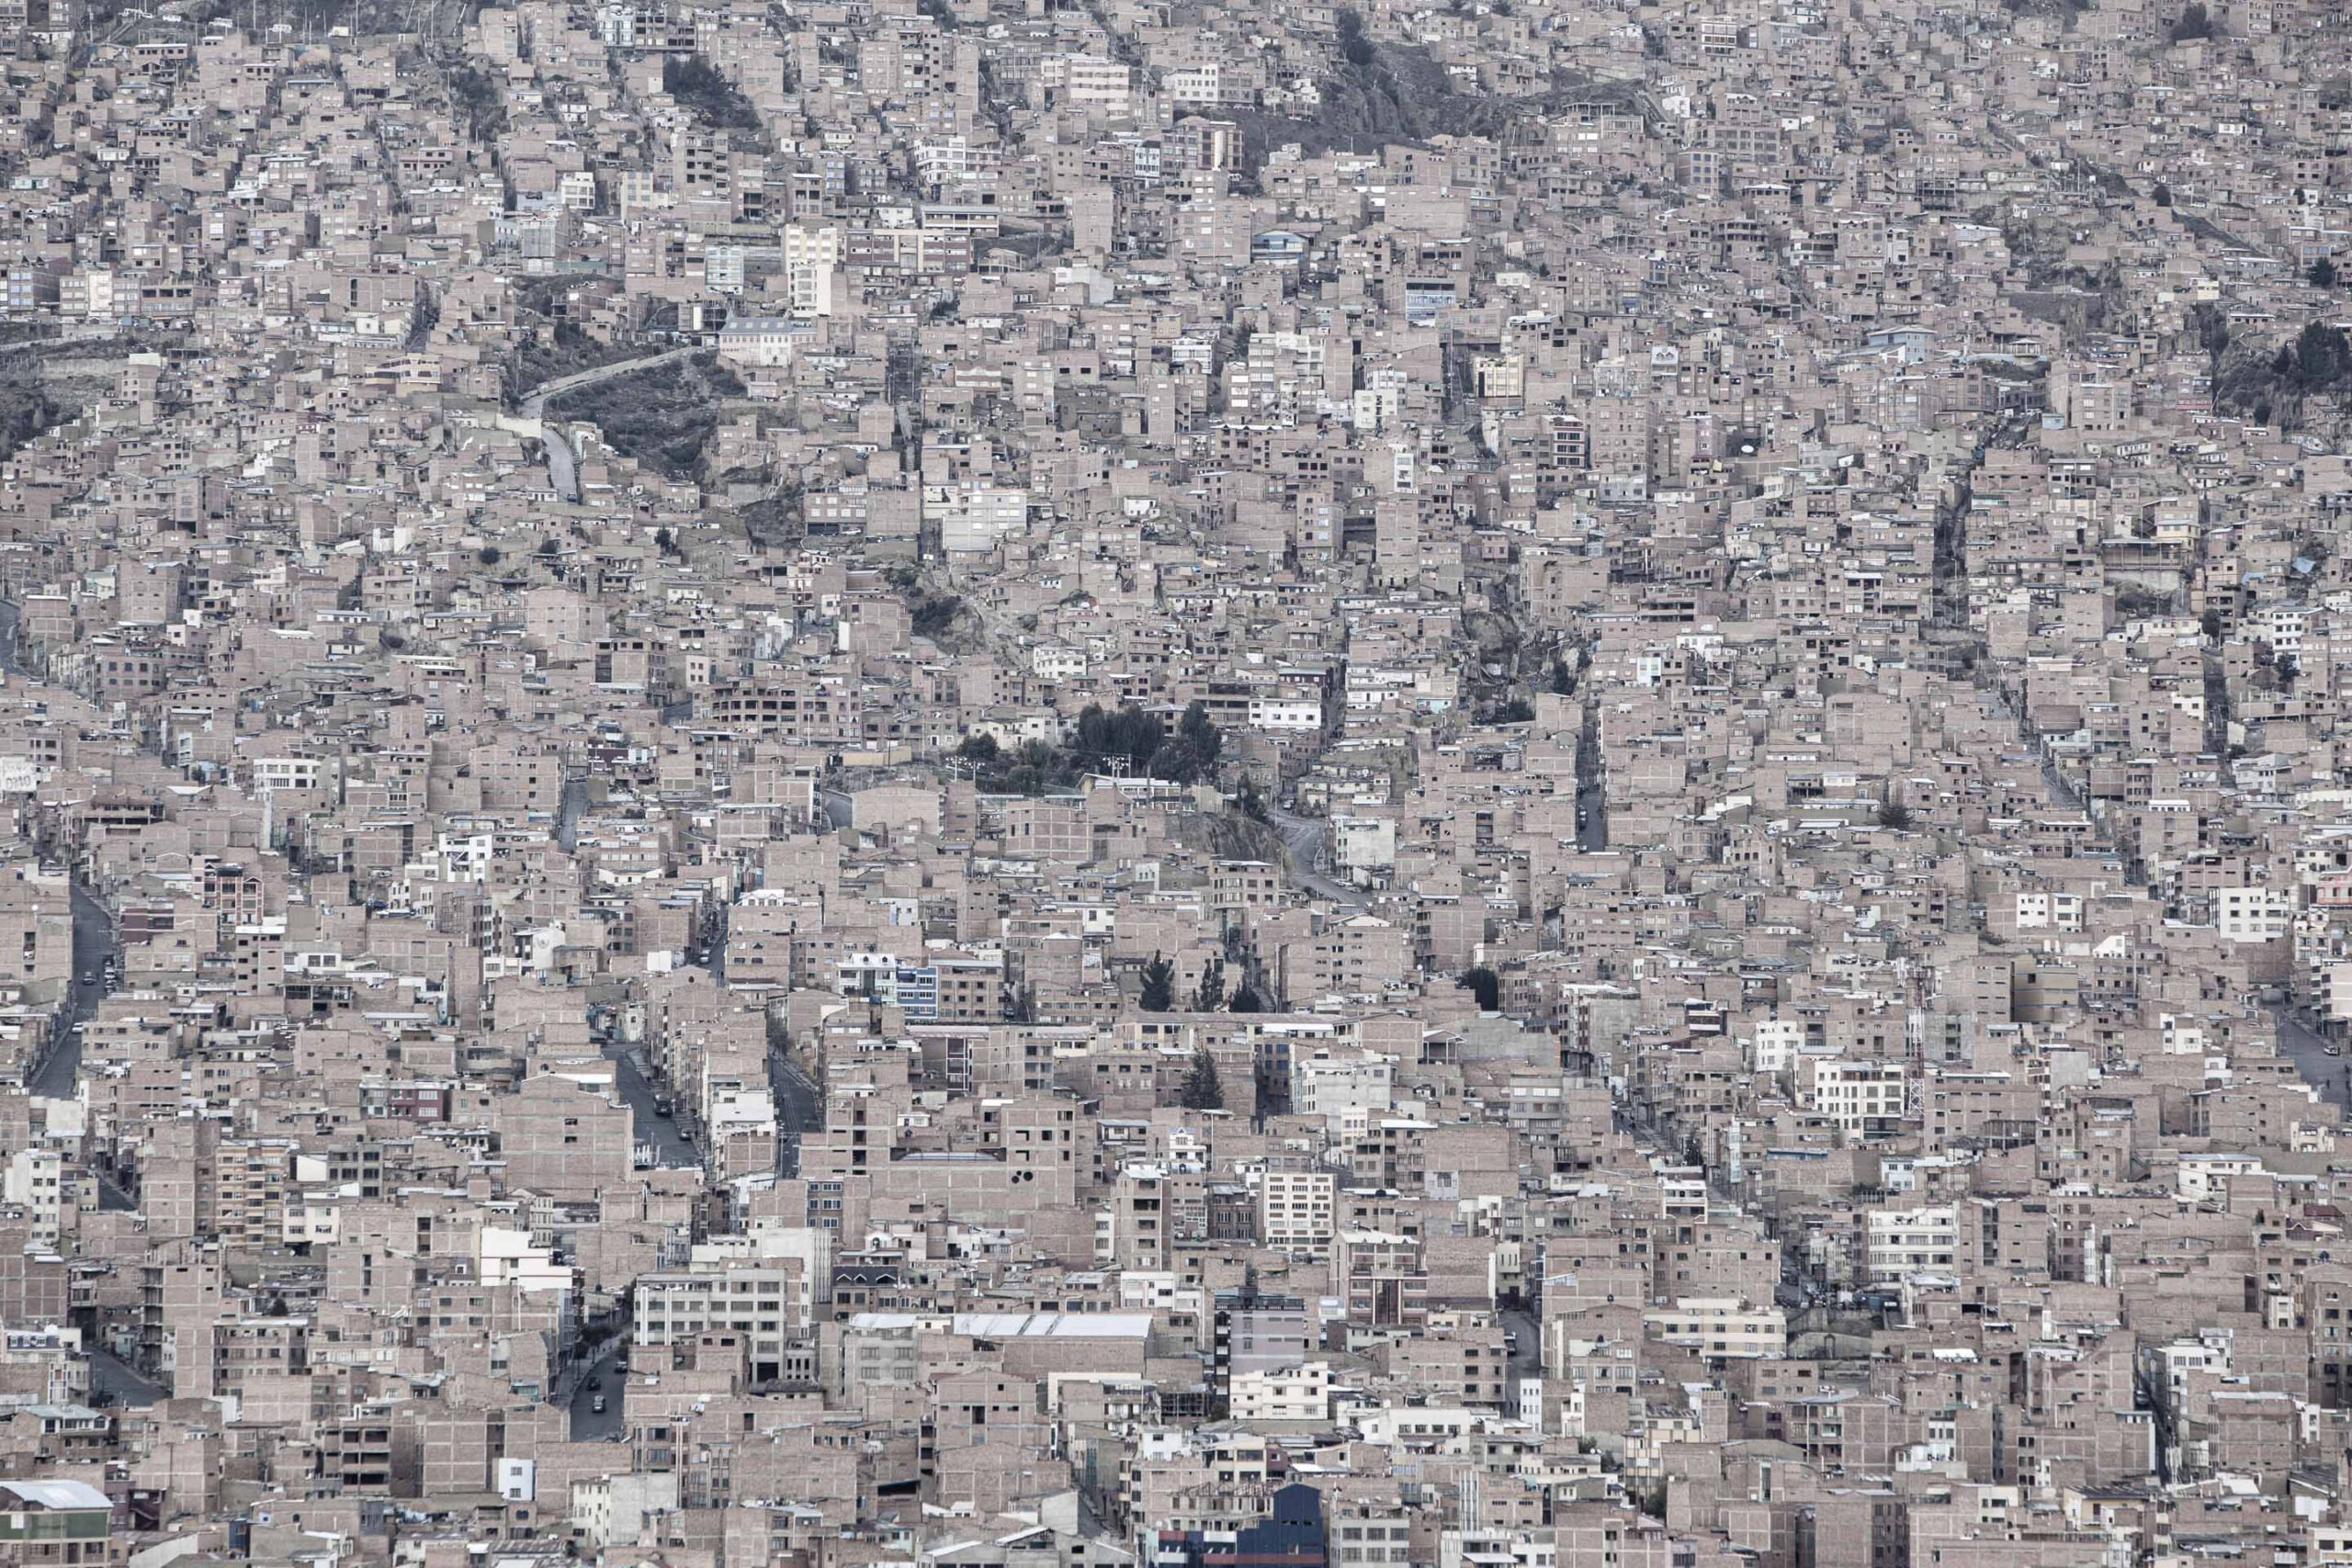 Citta compresse, La Paz, Bolivia, foto Alberto Canepa